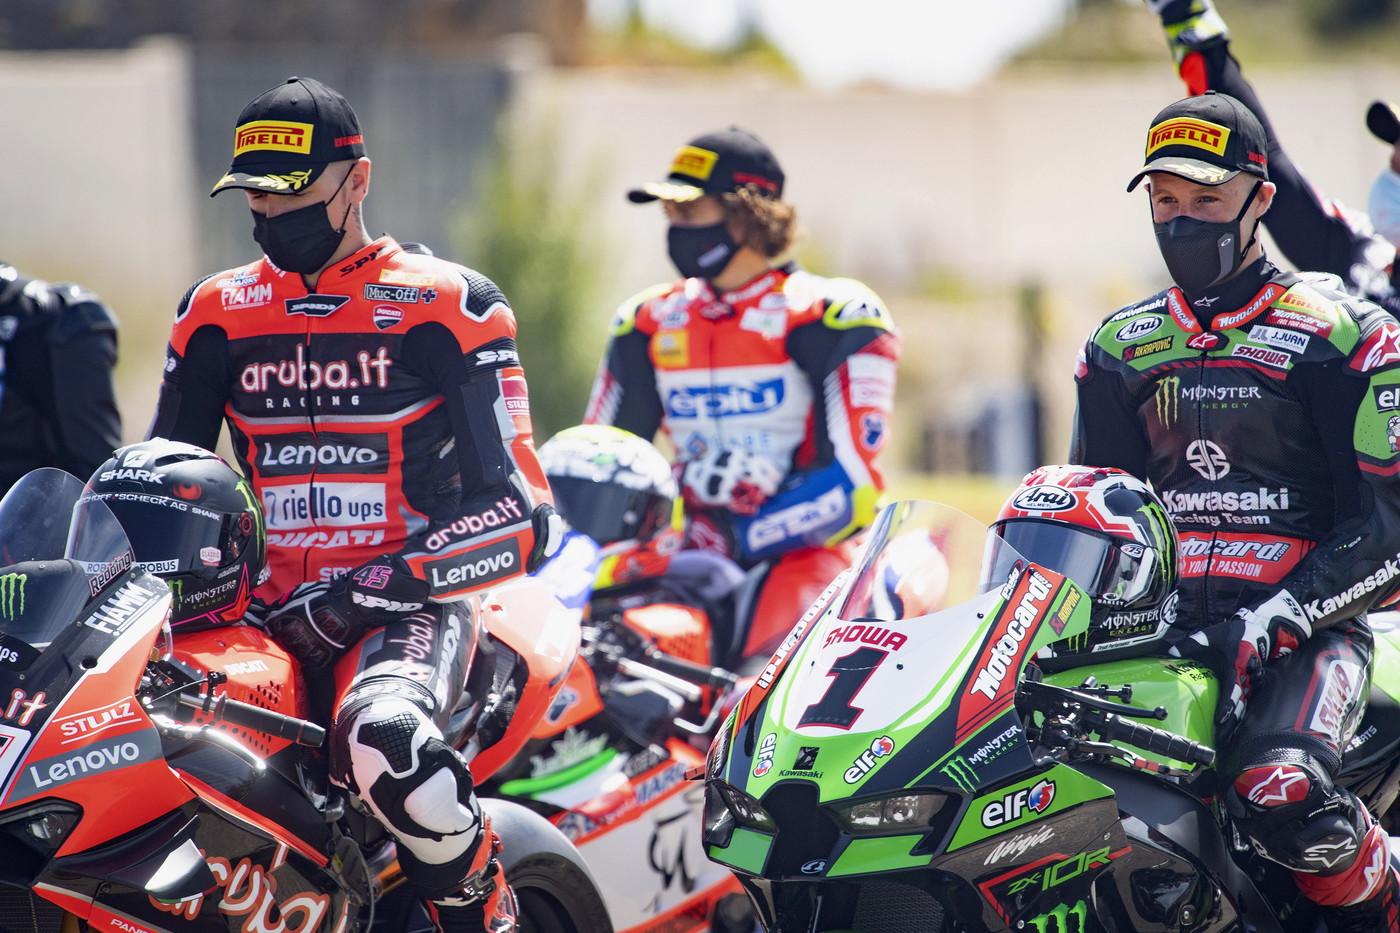 Dopo una lunga attesa, &egrave; finalmente scattato anche il Mondiale Superbike. Ad Aragon piloti e moto in bosa prima di scendere in pista per le prime prove del weekend.<br /><br />